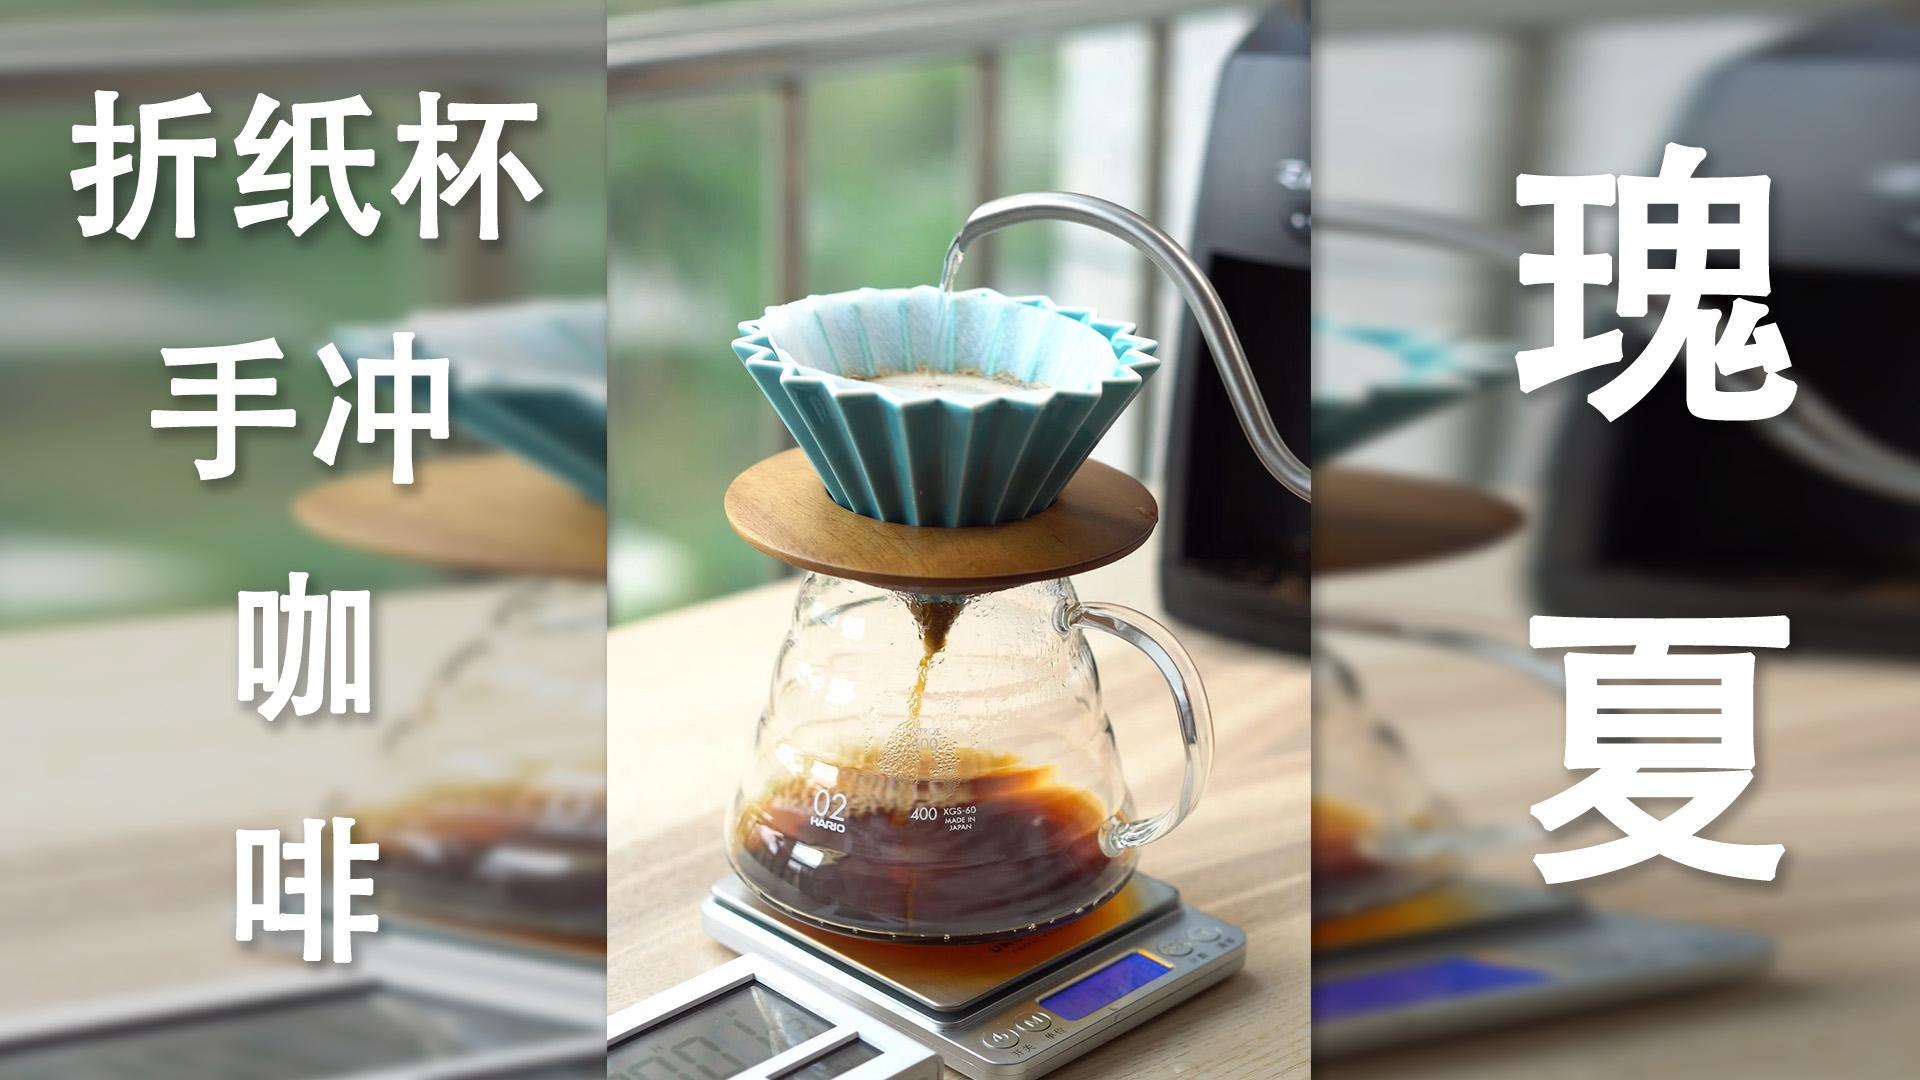 【竖屏】V60折纸滤杯 巴拿马绿标瑰夏咖啡 @Sofronio